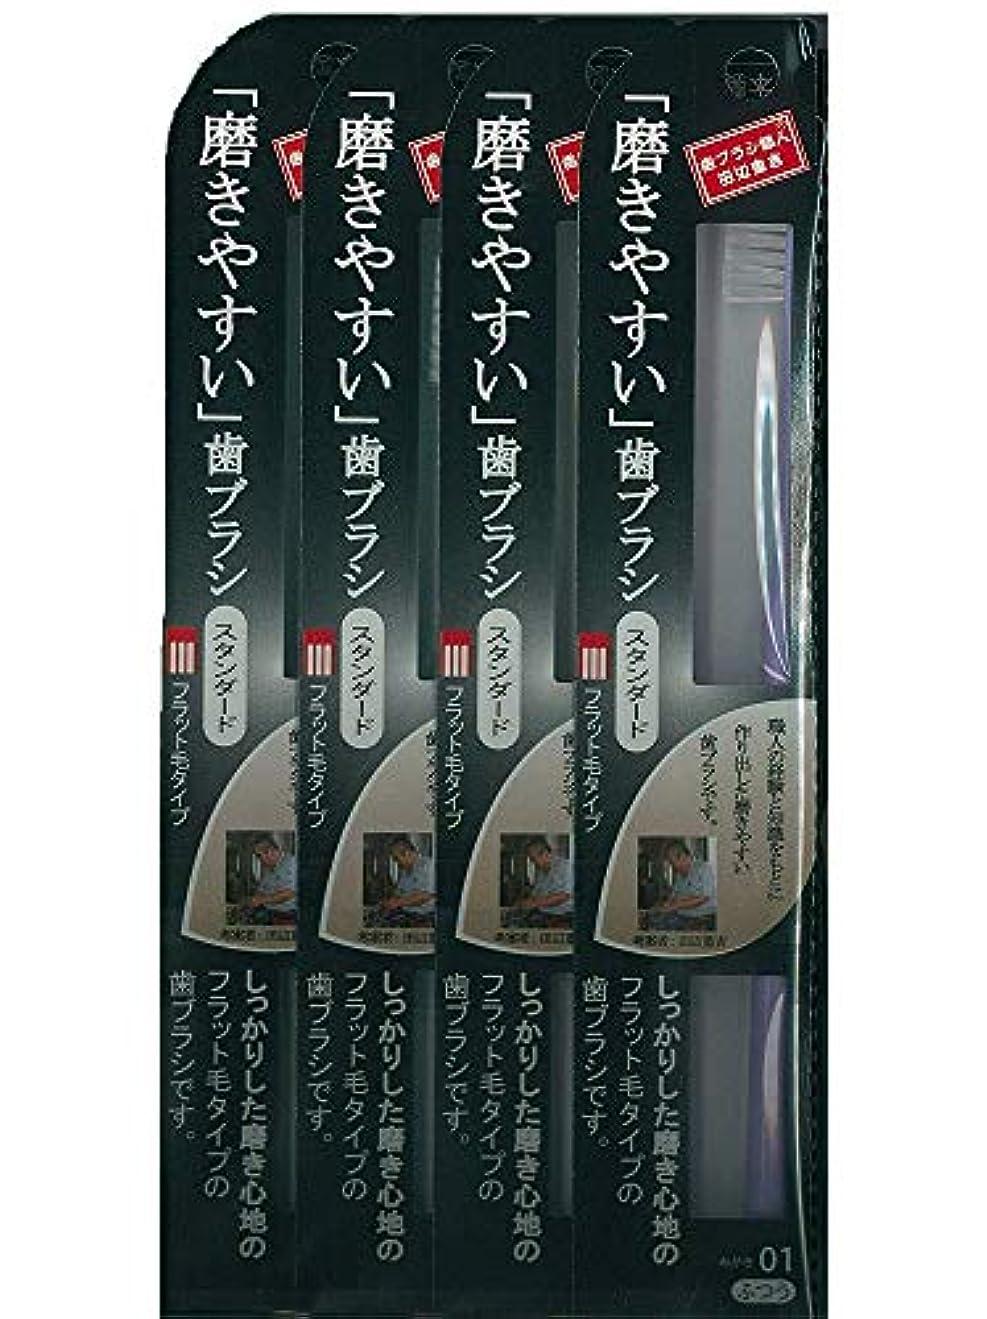 腹テント引き付ける歯ブラシ職人 田辺重吉 磨きやすい歯ブラシ スタンダード フラット毛タイプ LT-01 (1本×4個セット)